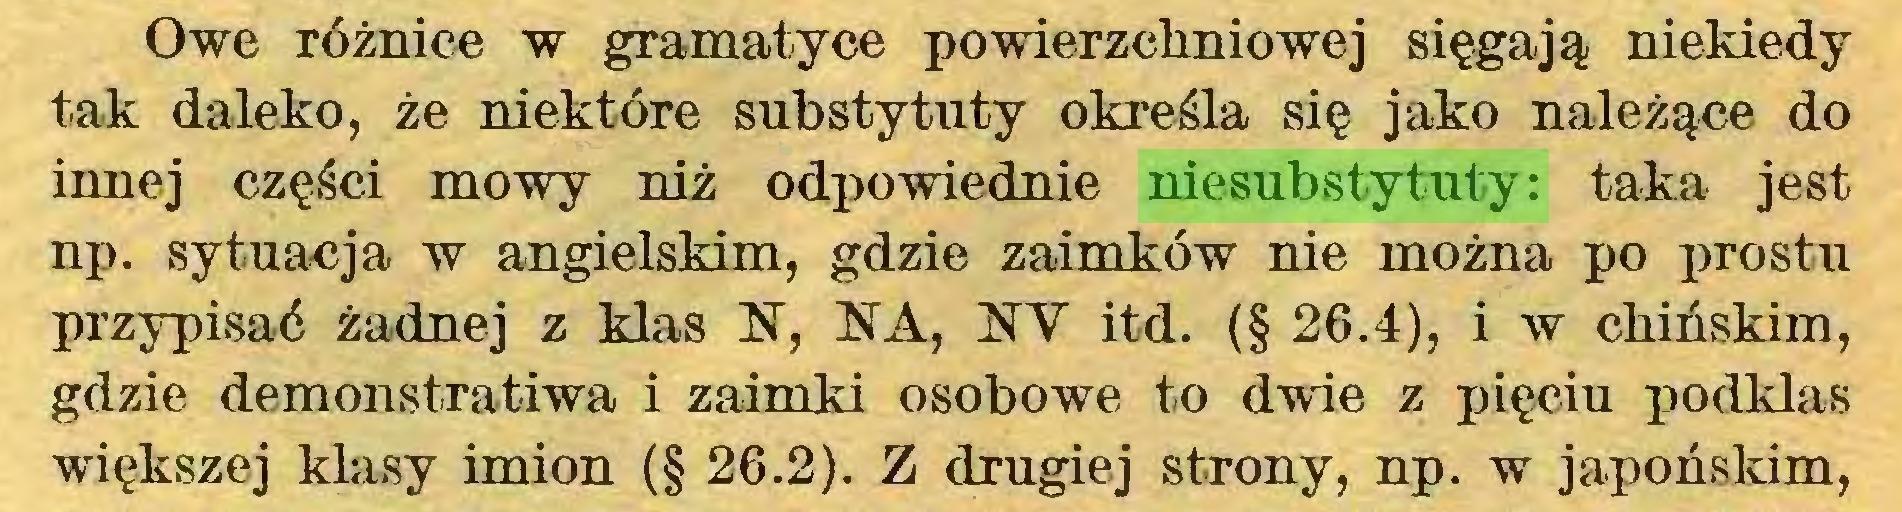 (...) Owe różnice w gramatyce powierzchniowej sięgają niekiedy tak daleko, że niektóre substytuty określa się jako należące do innej części mowy niż odpowiednie niesubstytuty: taka jest np. sytuacja w angielskim, gdzie zaimków nie można po prostu przypisać żadnej z klas N, NA, NY itd. (§ 26.4), i w chińskim, gdzie demonstratiwa i zaimki osobowe to dwie z pięciu podklas większej klasy imion (§ 26.2). Z drugiej strony, np. w japońskim,...